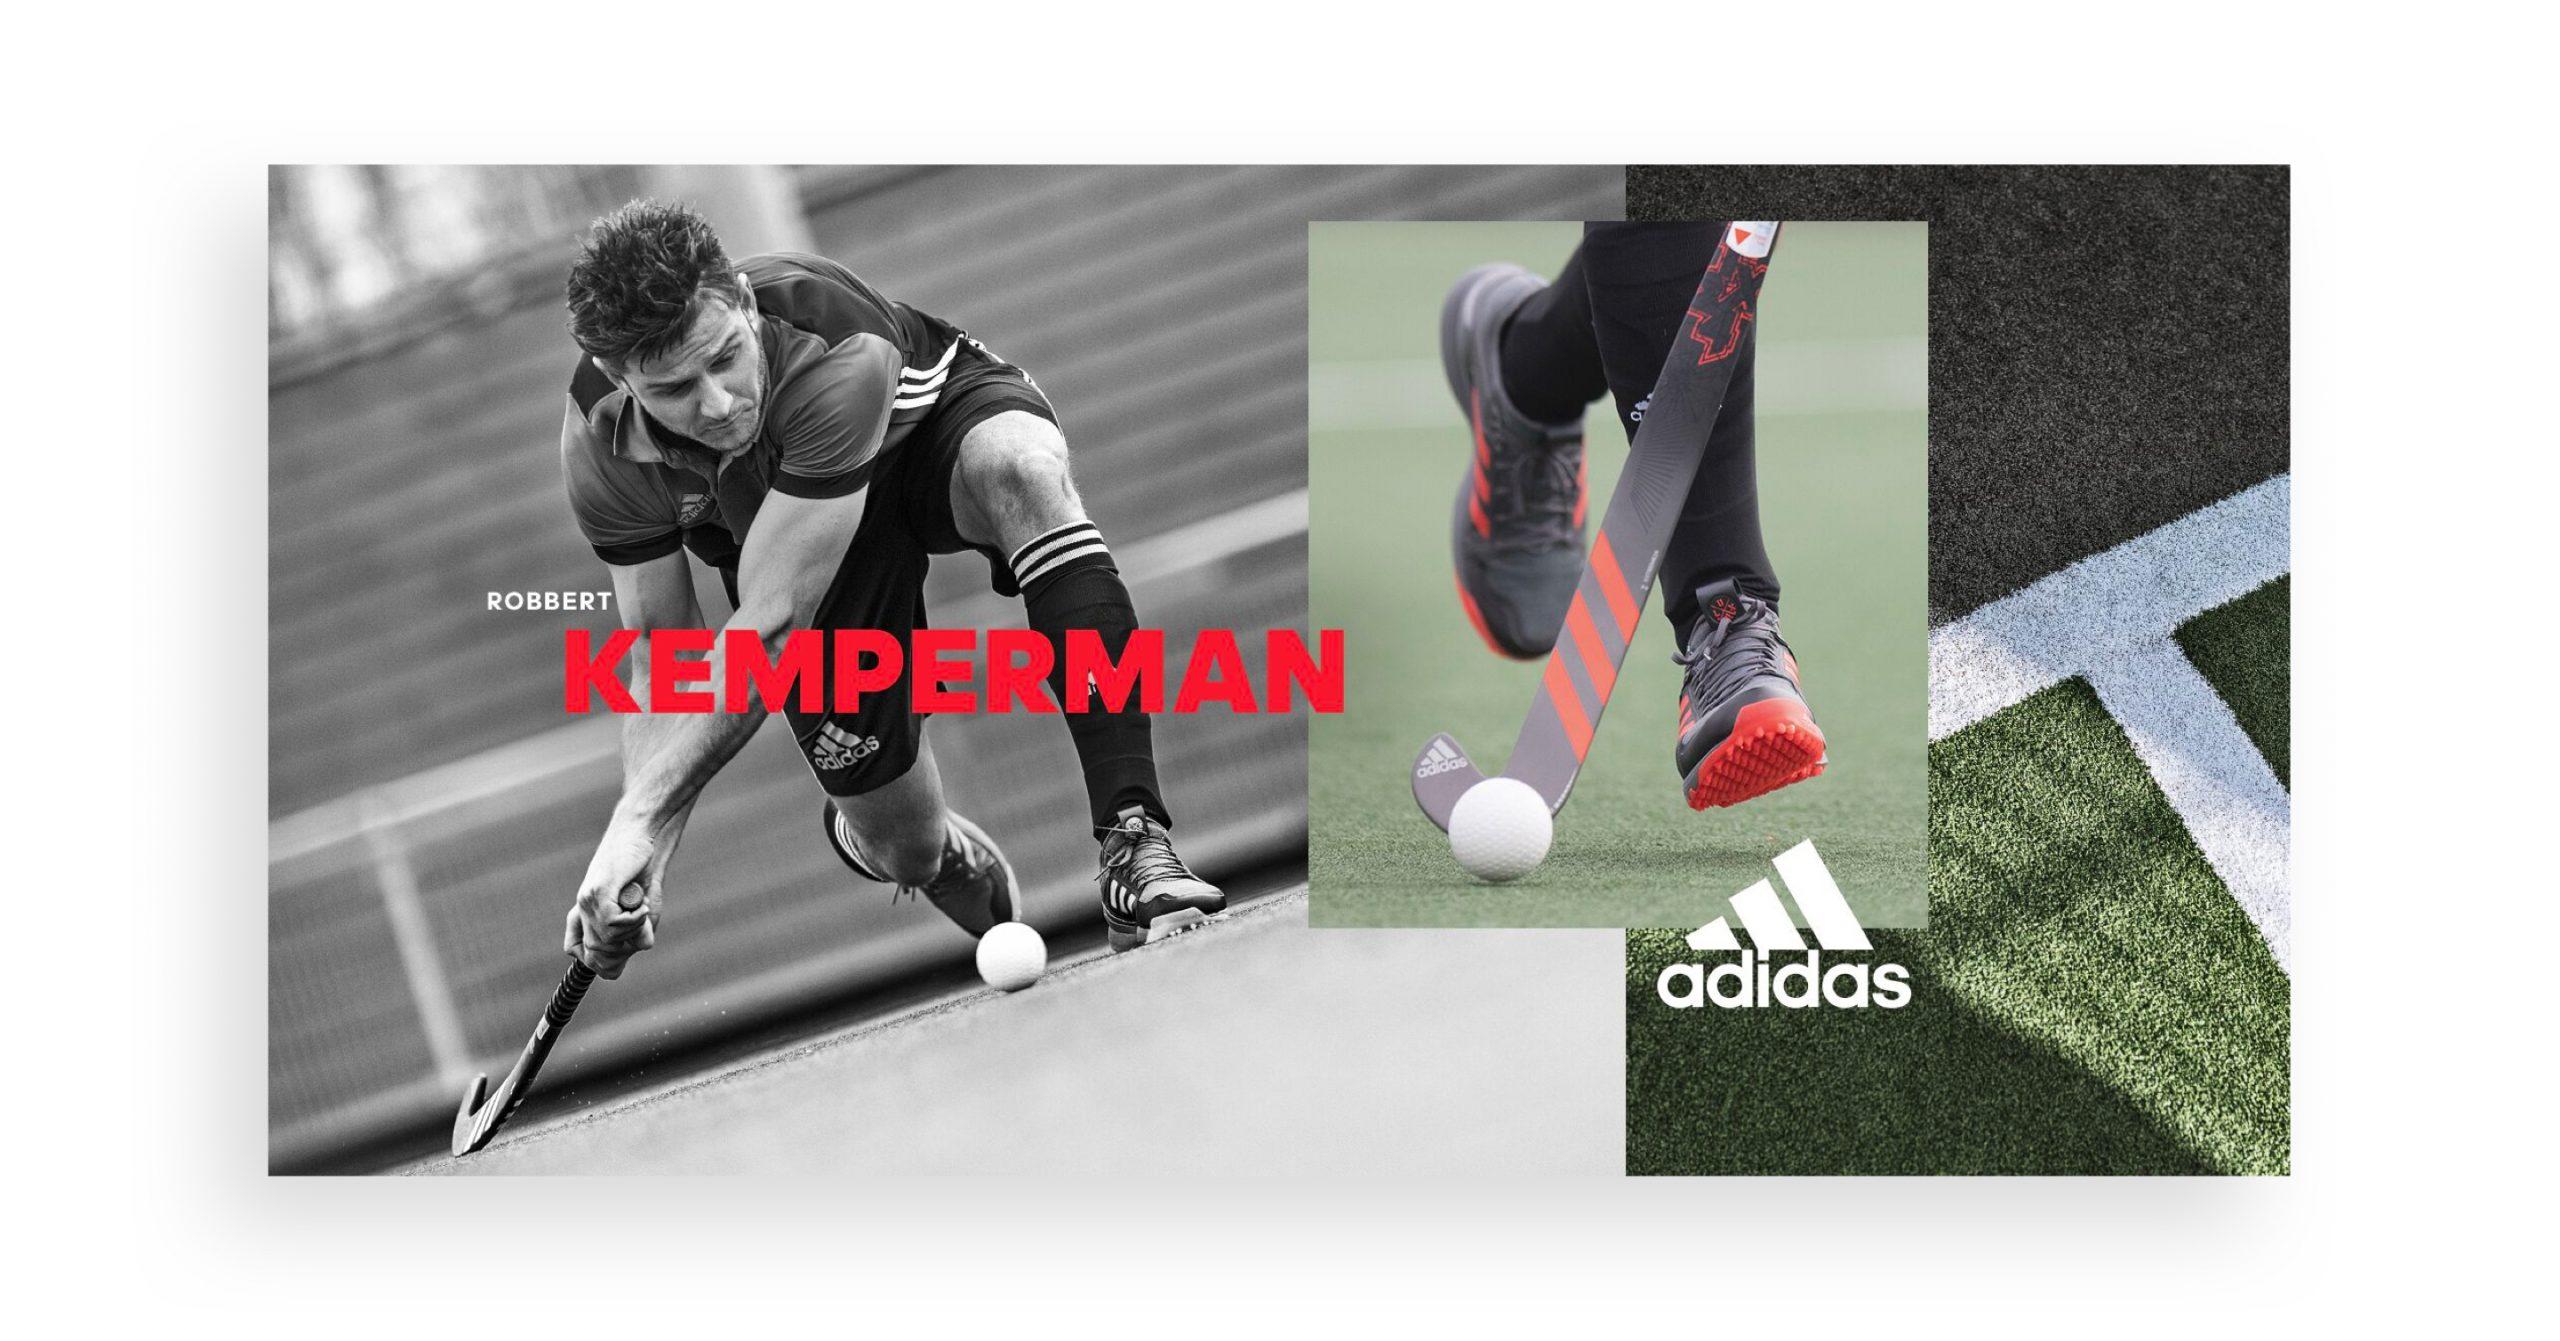 pascher-heinz-adidas-world-cup-kemperman-02